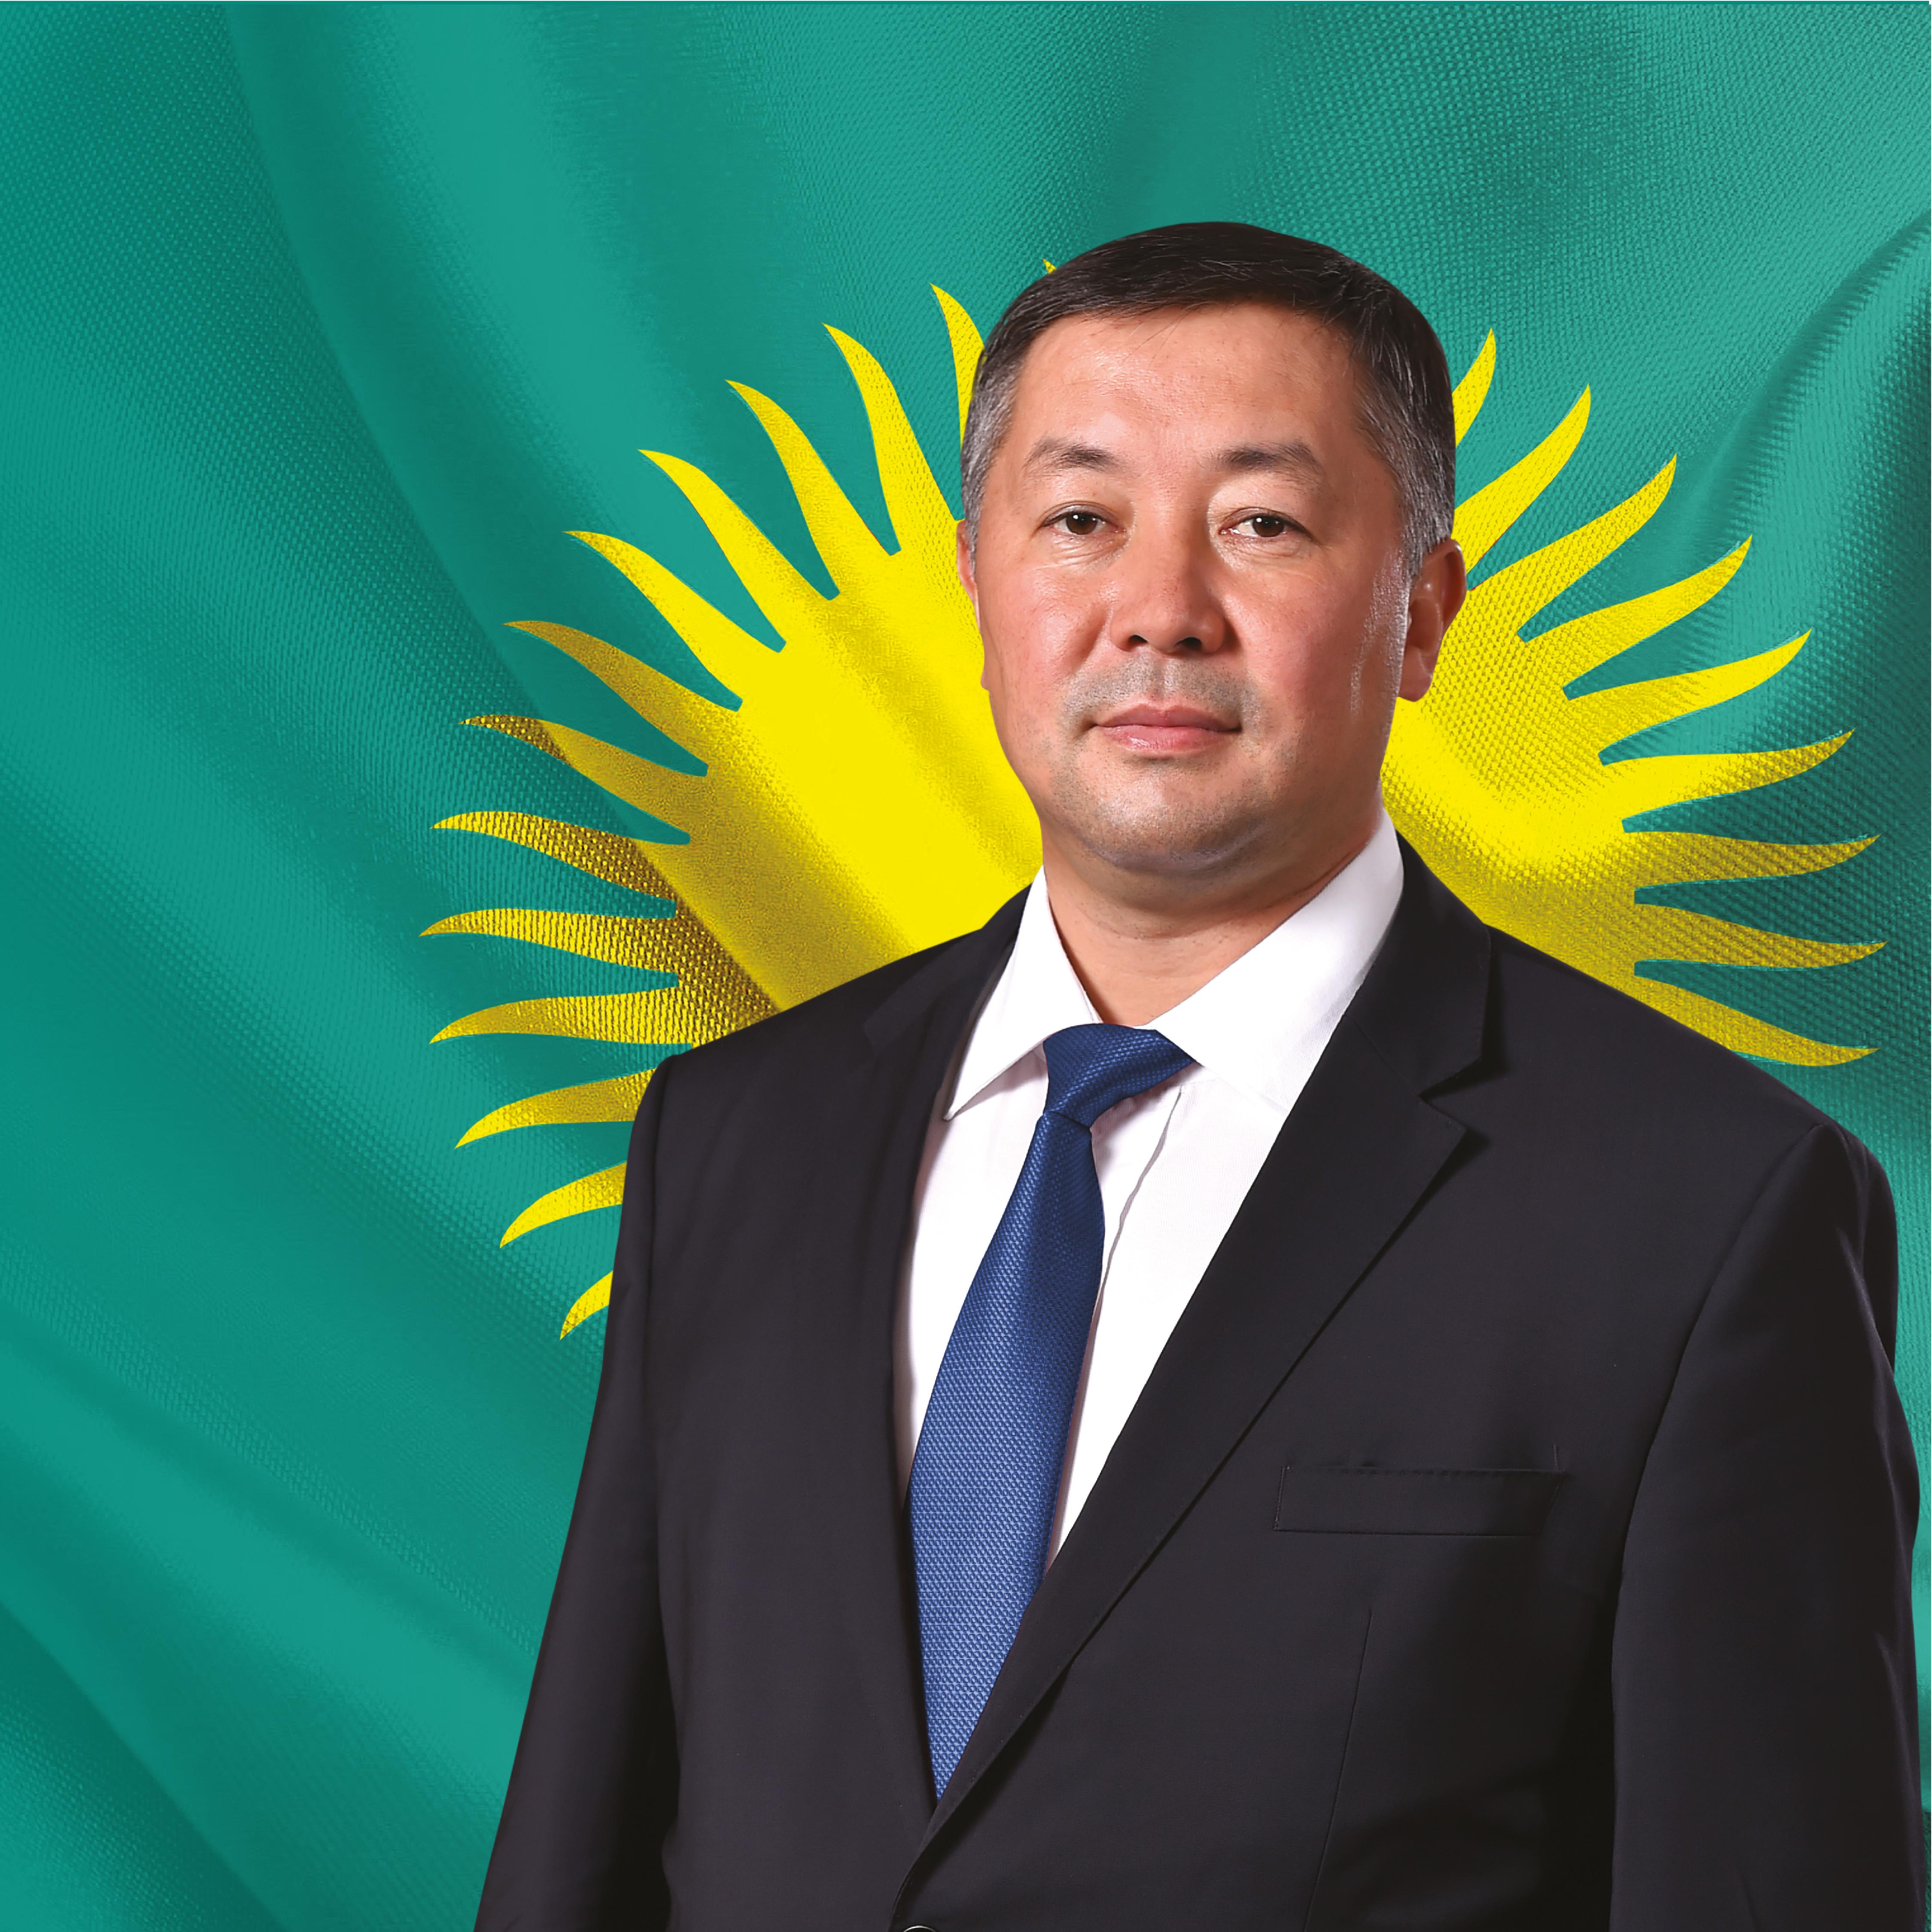 «Кыргызстан» партиясынын лидери Канатбек Исаевдин кыргызстандыктарга кайрылуусу